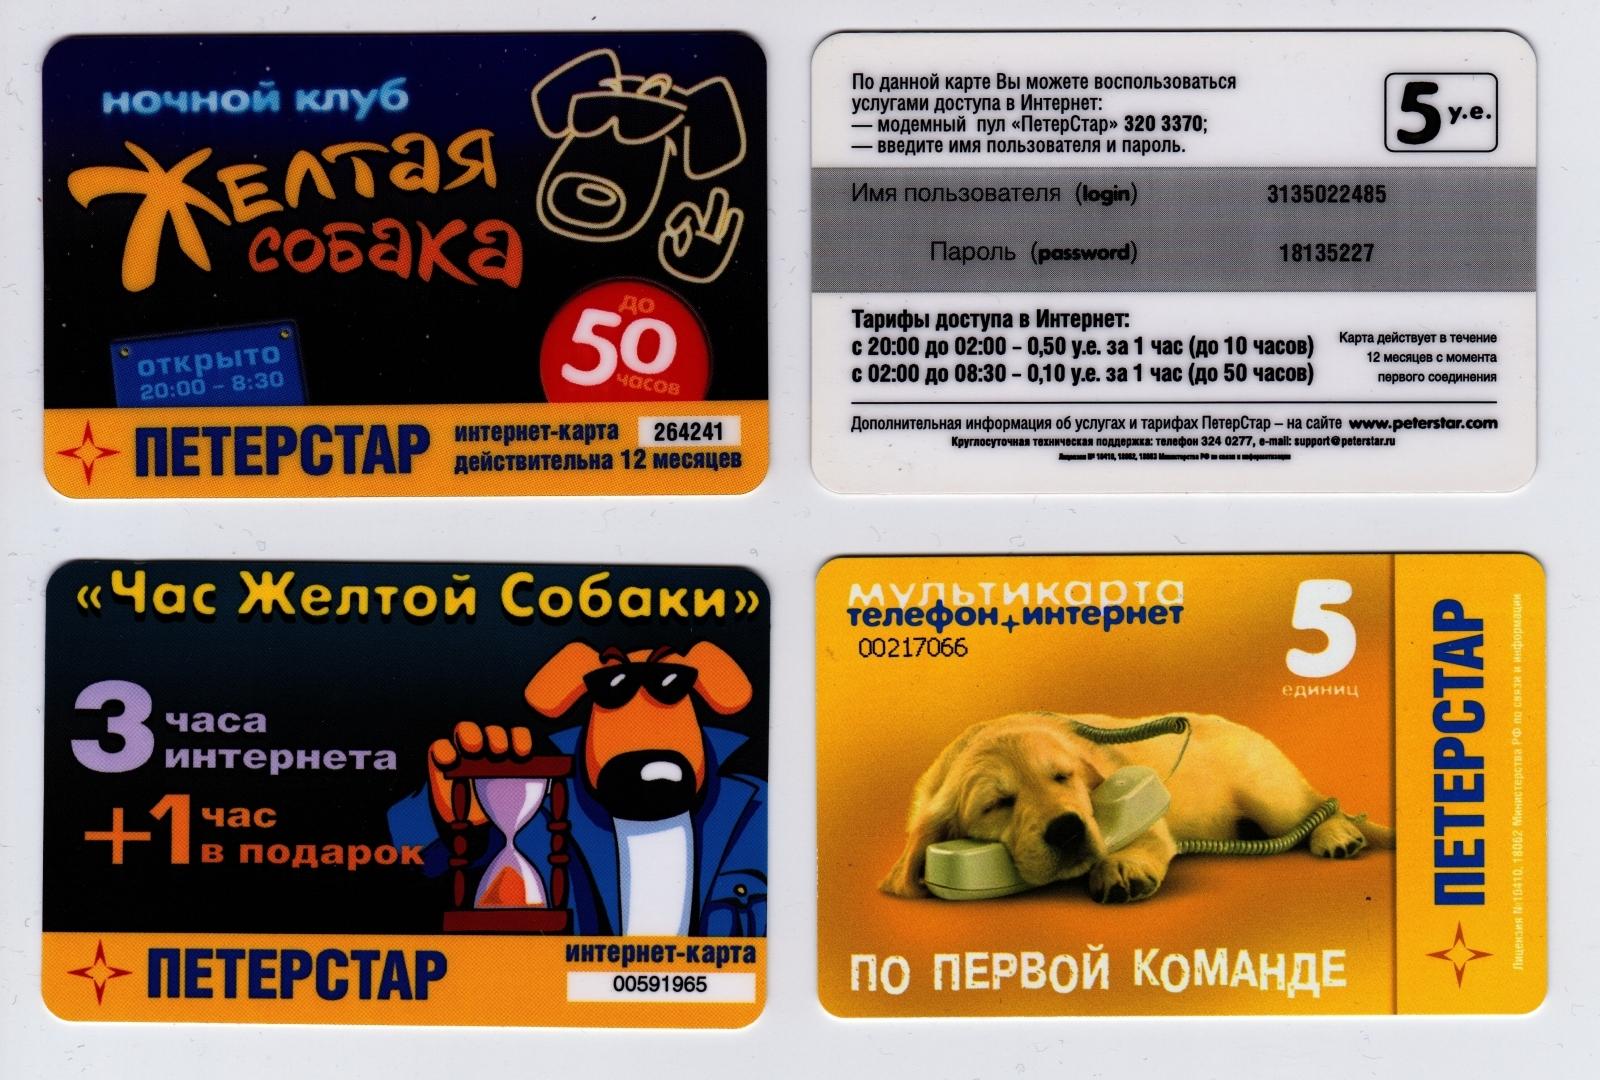 Верни мне мой 2007. А хотели бы Вы его вернуть? 2000е какие они? 41 - lenium.ru